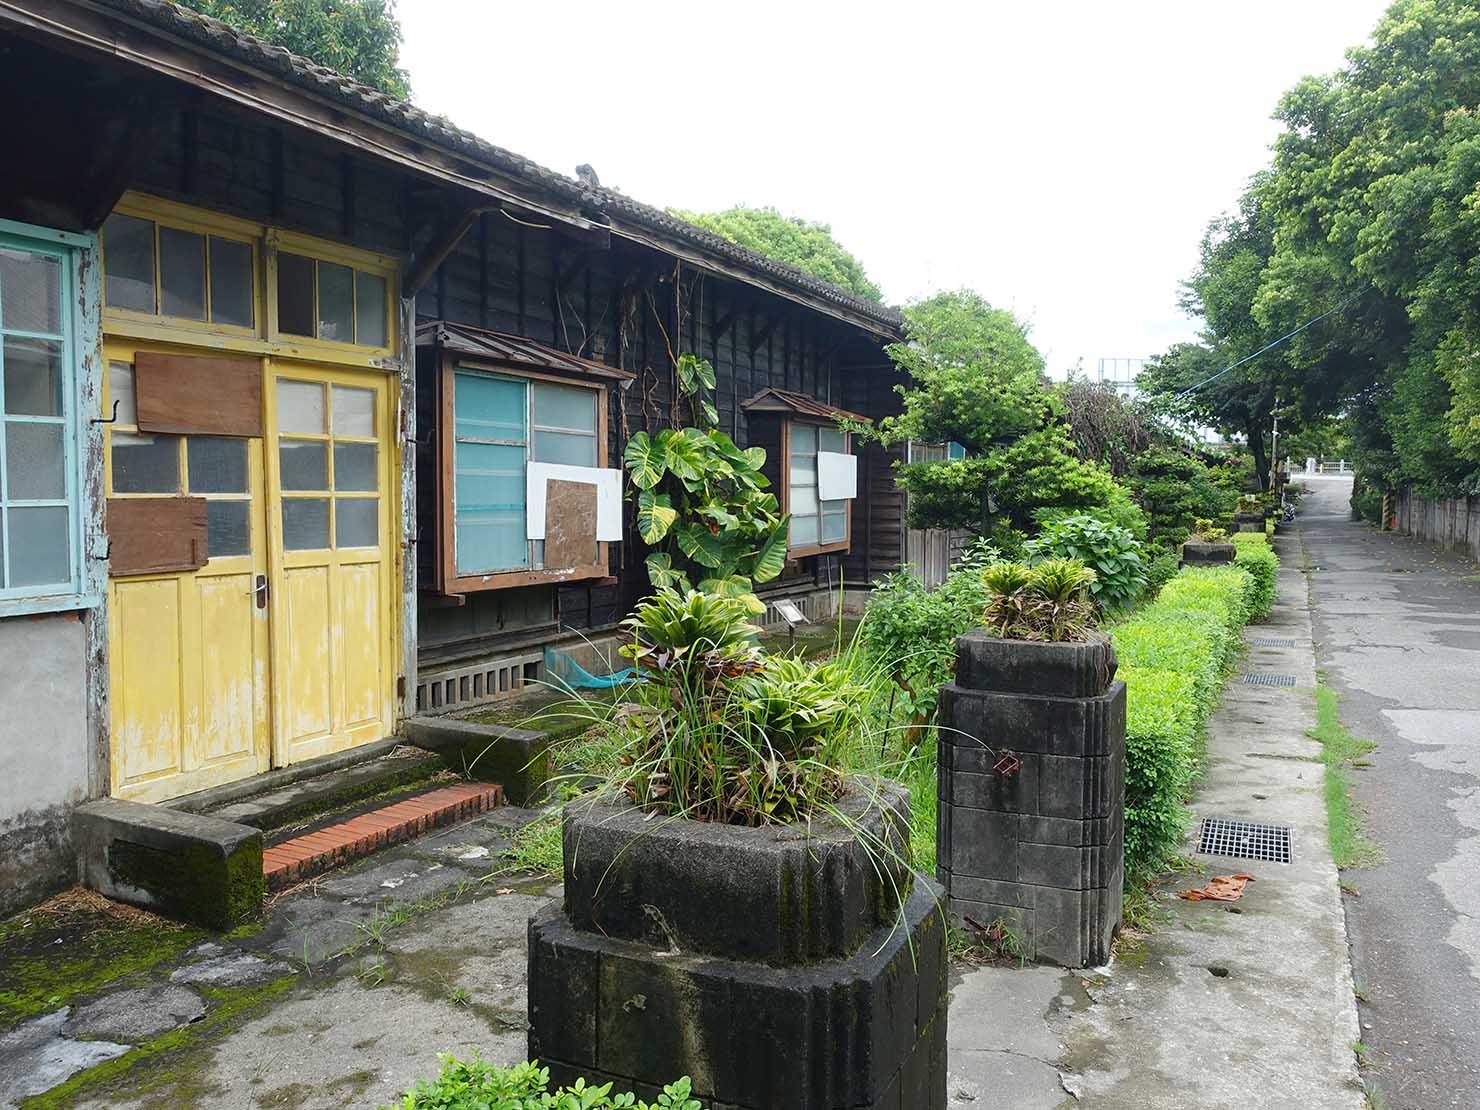 台湾・花蓮のおすすめ観光スポット「將軍府」周辺の集落